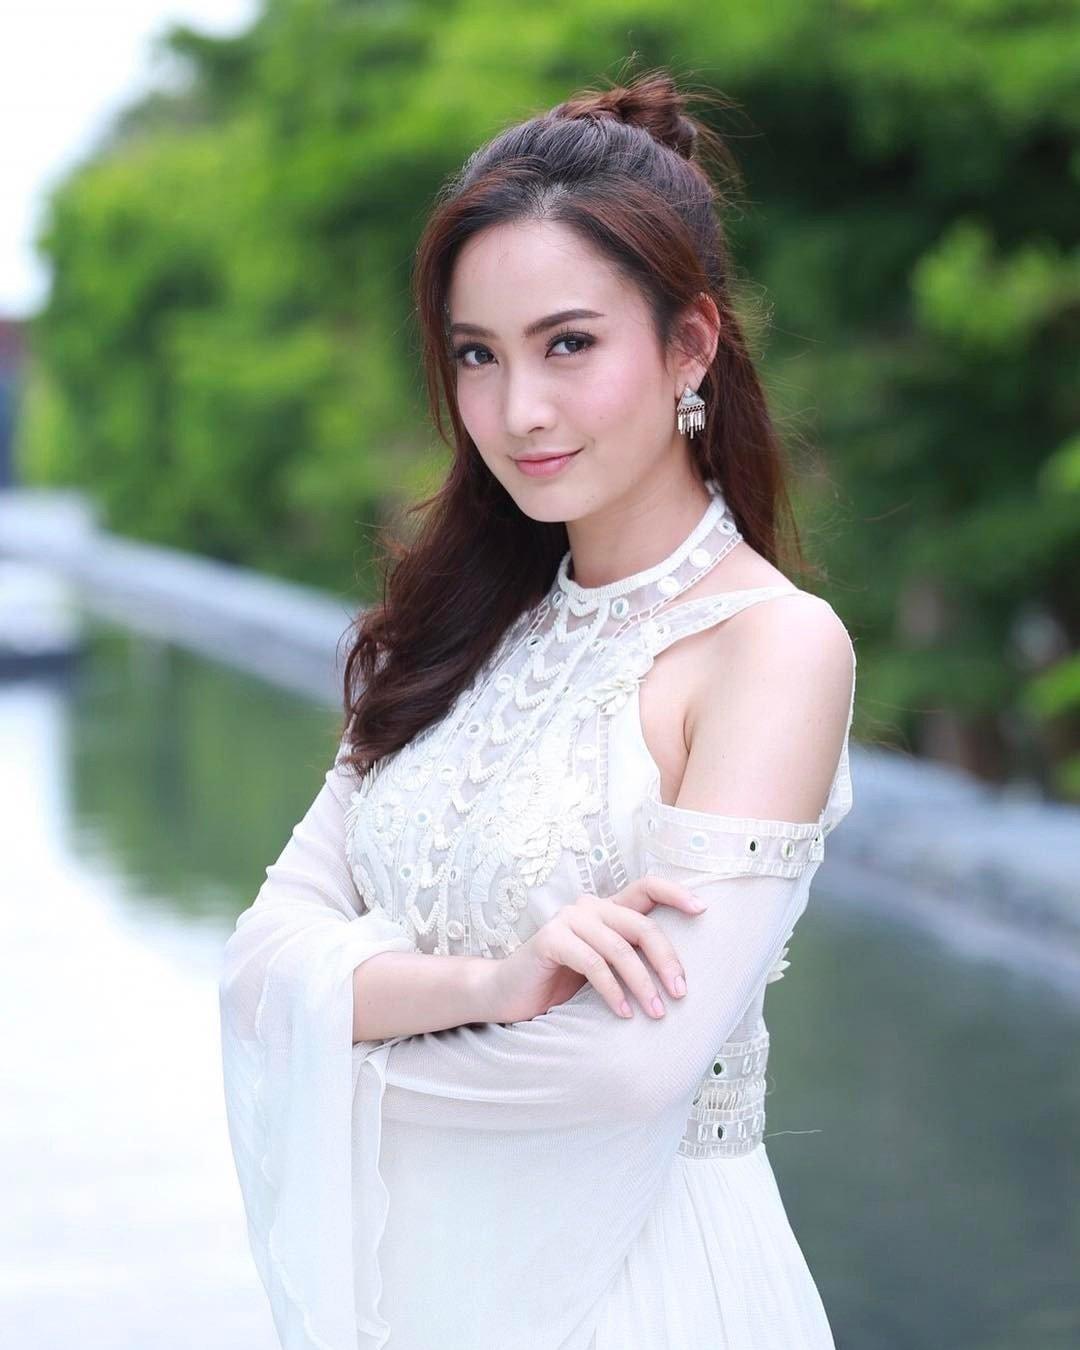 phim-thai-game-sanaeha-tro-choi-tinh-ai-se-len-song-256 15